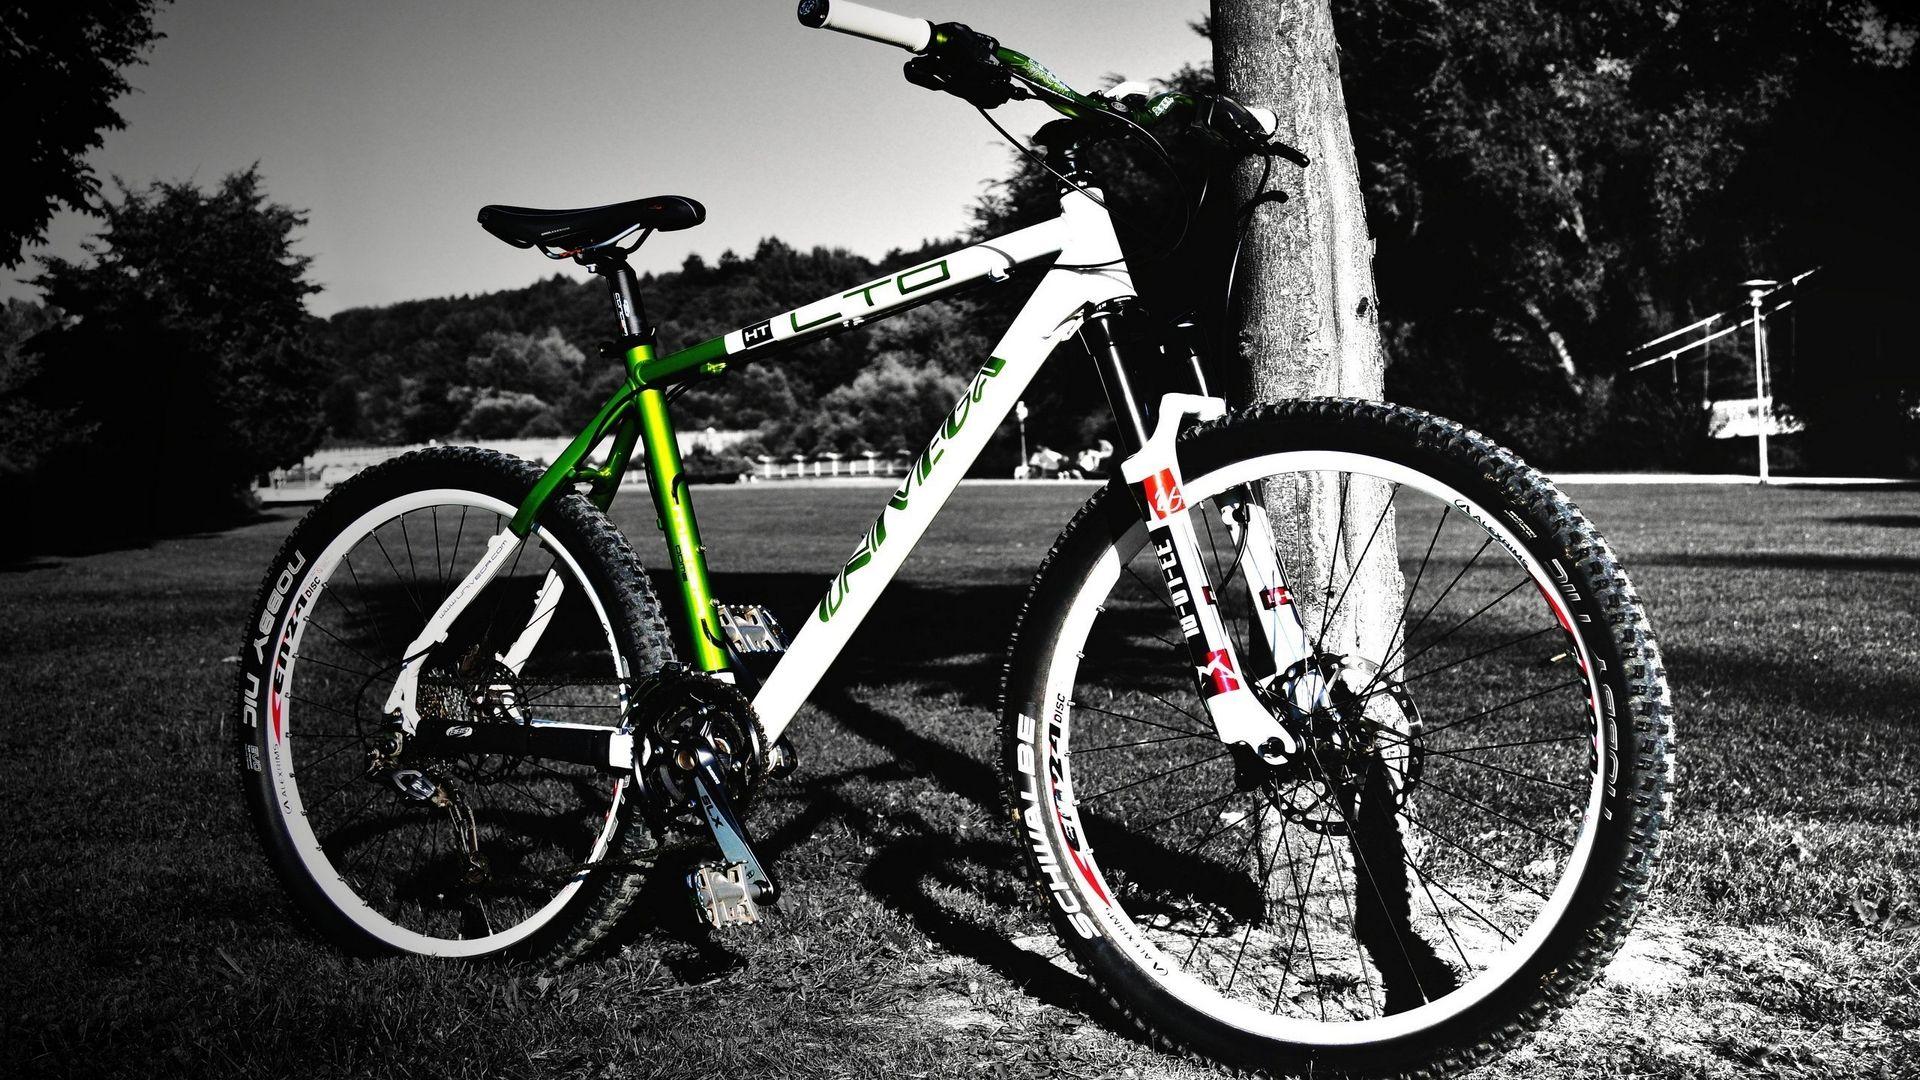 Wallpaper Nature Bicycle Road Bike Camp Wallpapers Mood